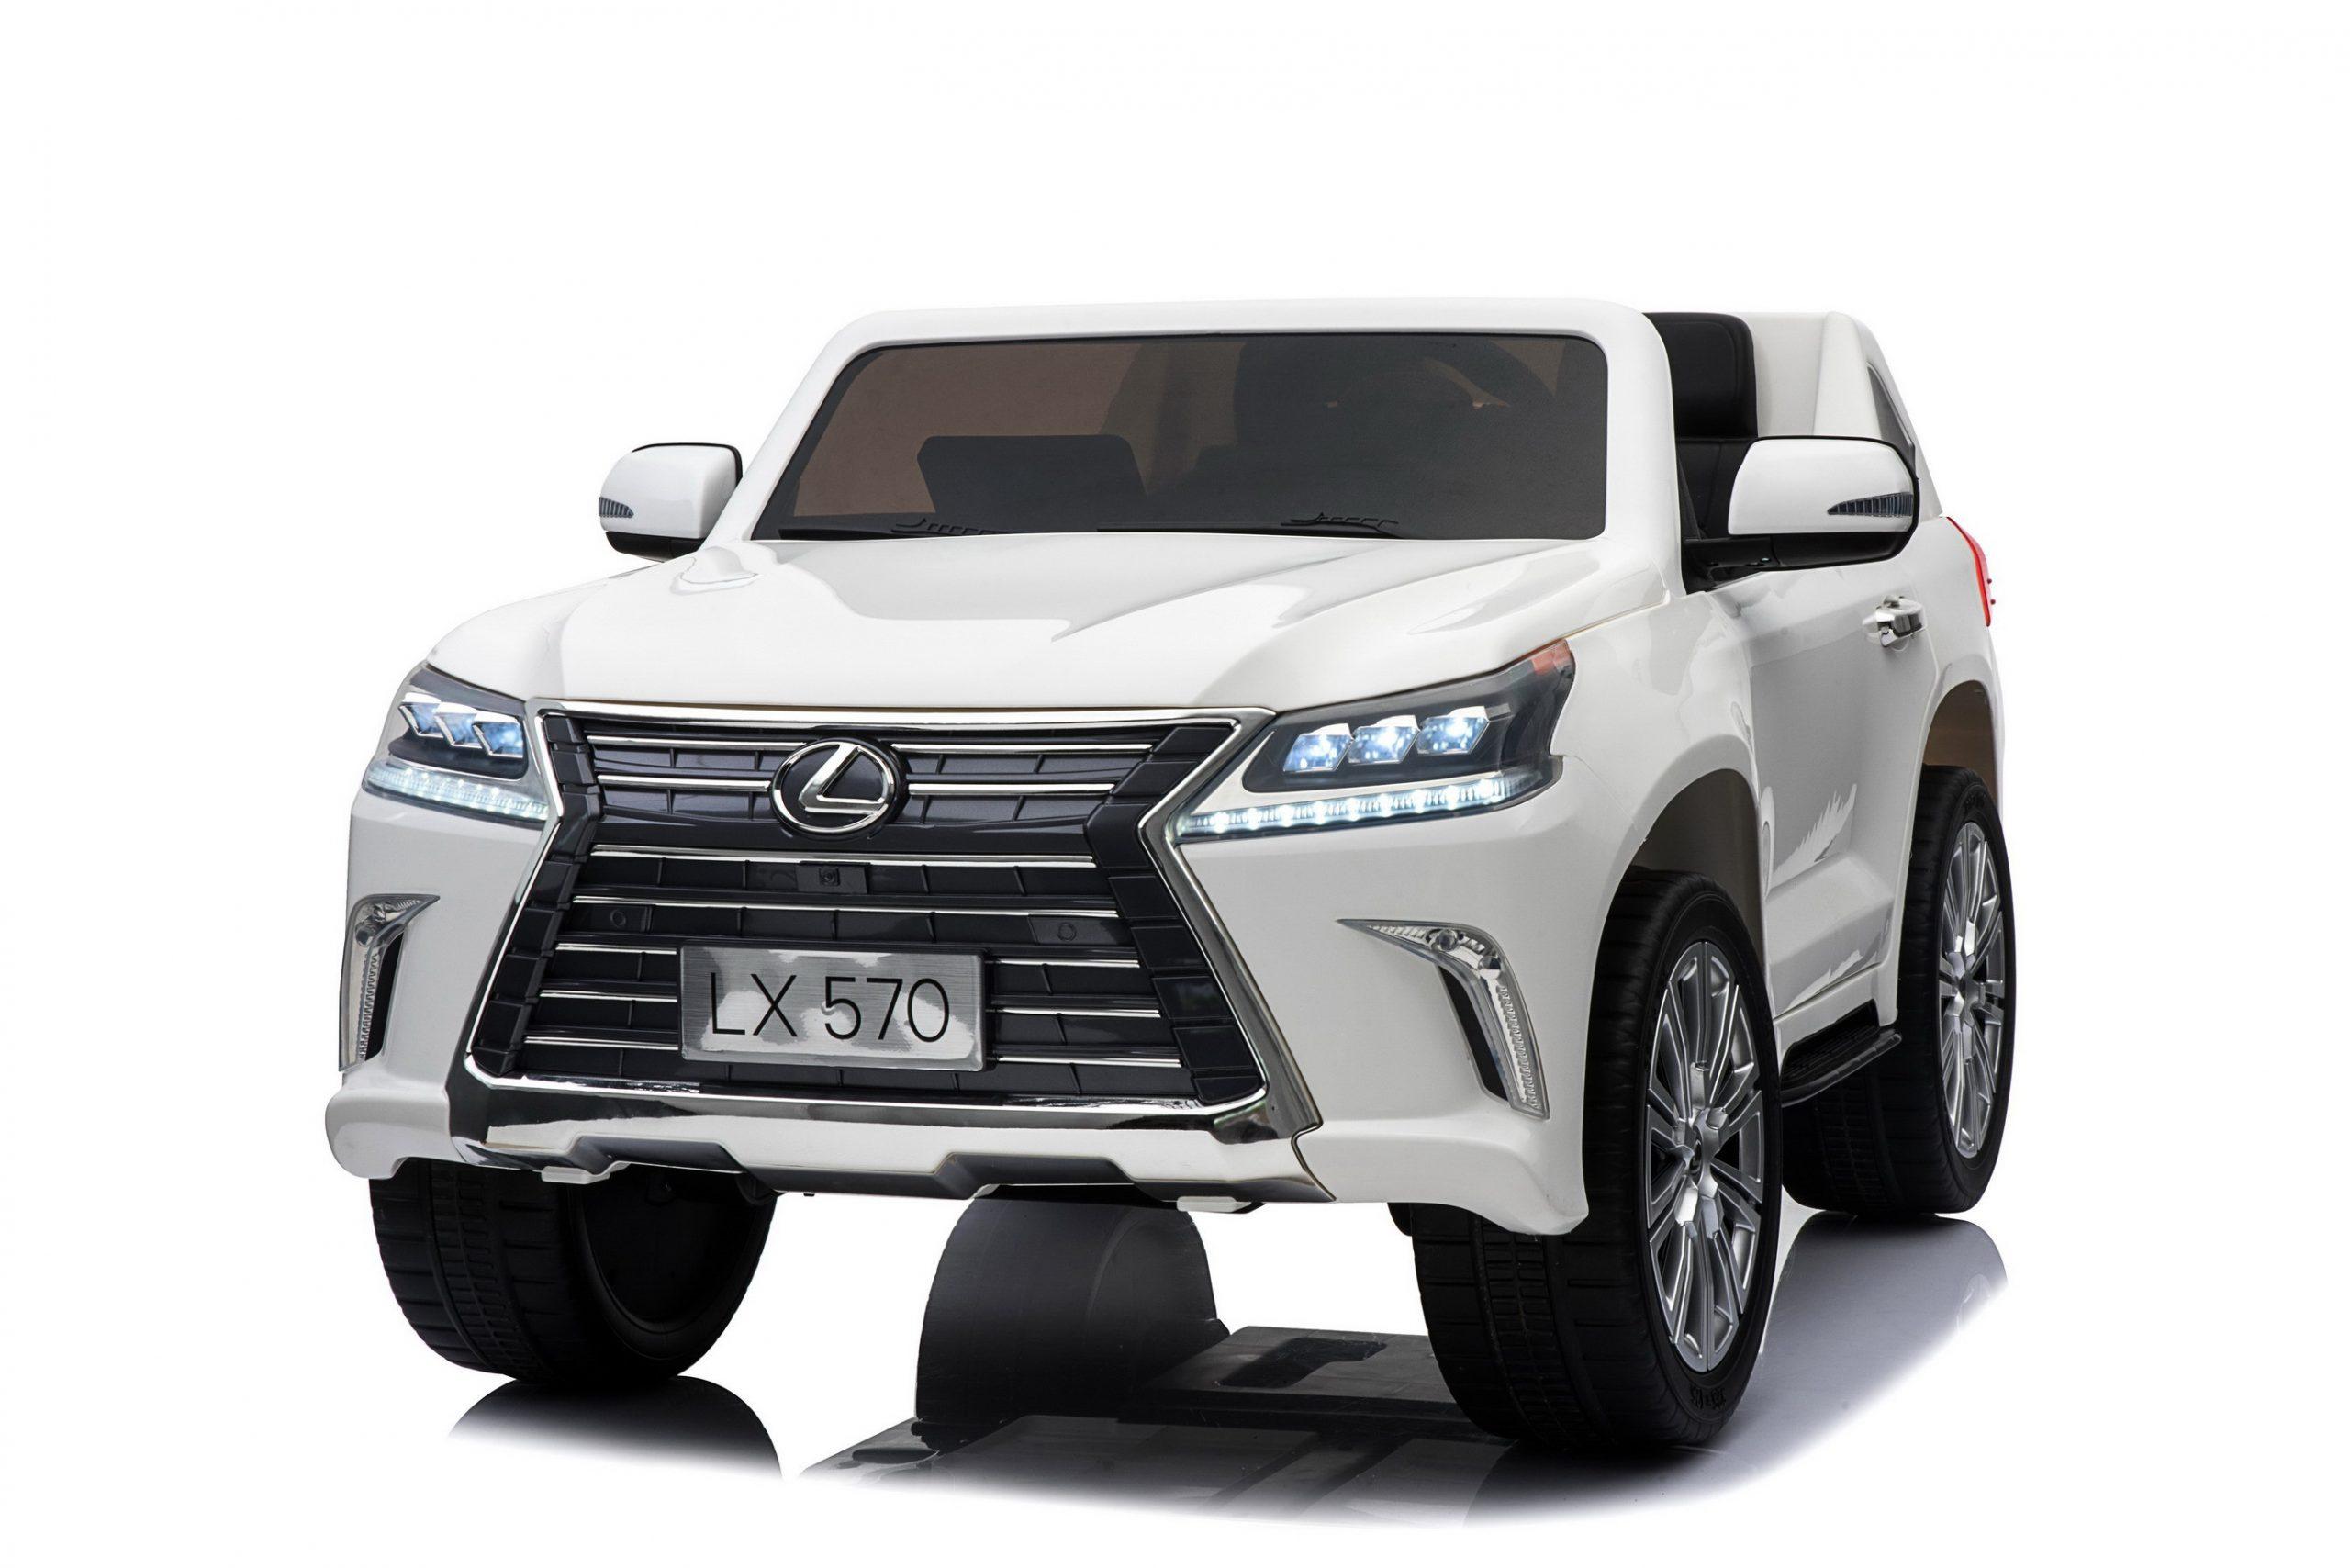 Elektromobil Lexus LX570 White